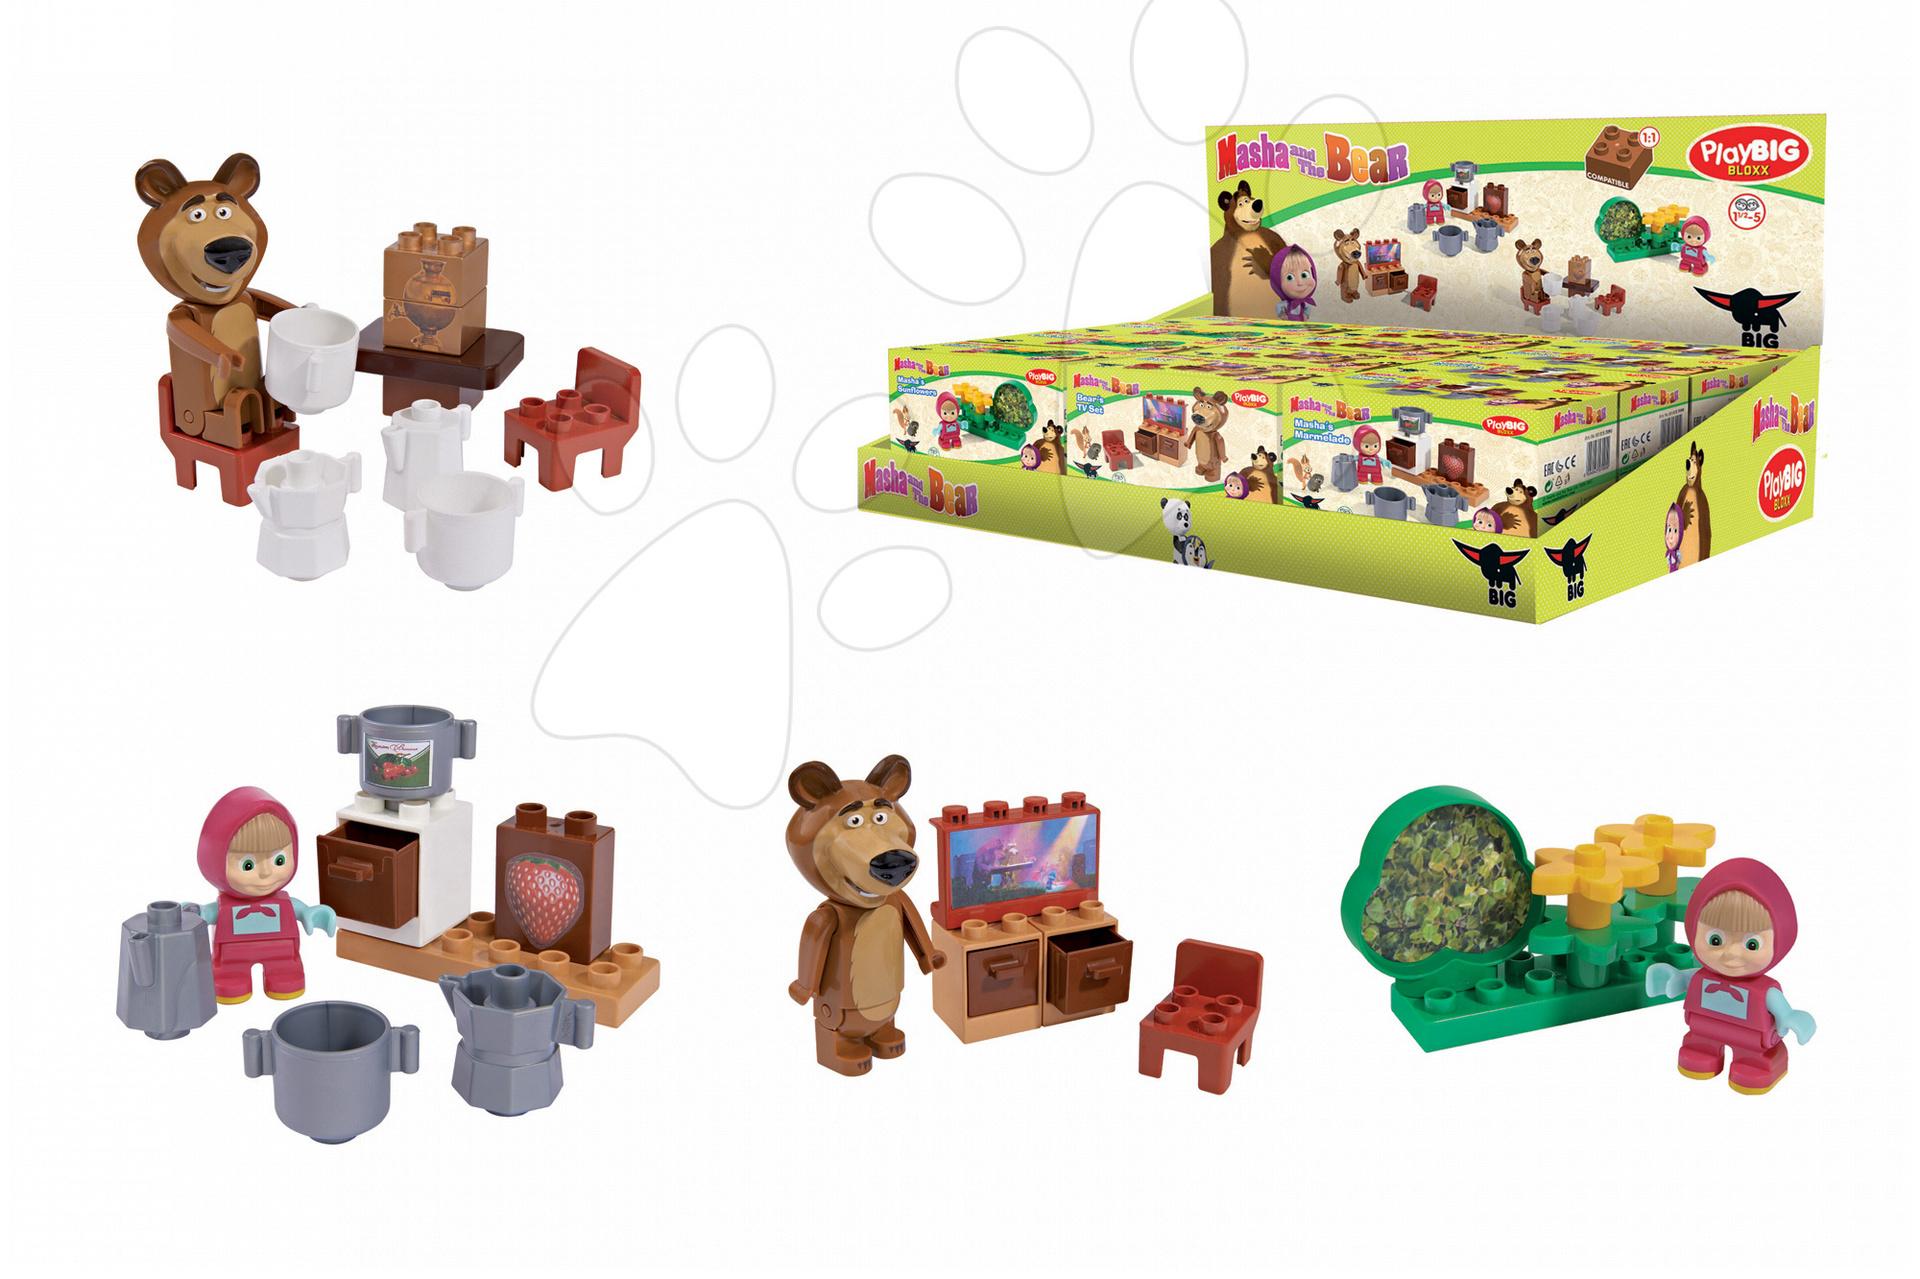 Stavebnice Máša a medvěd v kuchyni, ložnici, obýváku a lese PlayBIG Bloxx BIG 4 kusy 7-11 dílů od 1,5-5 let